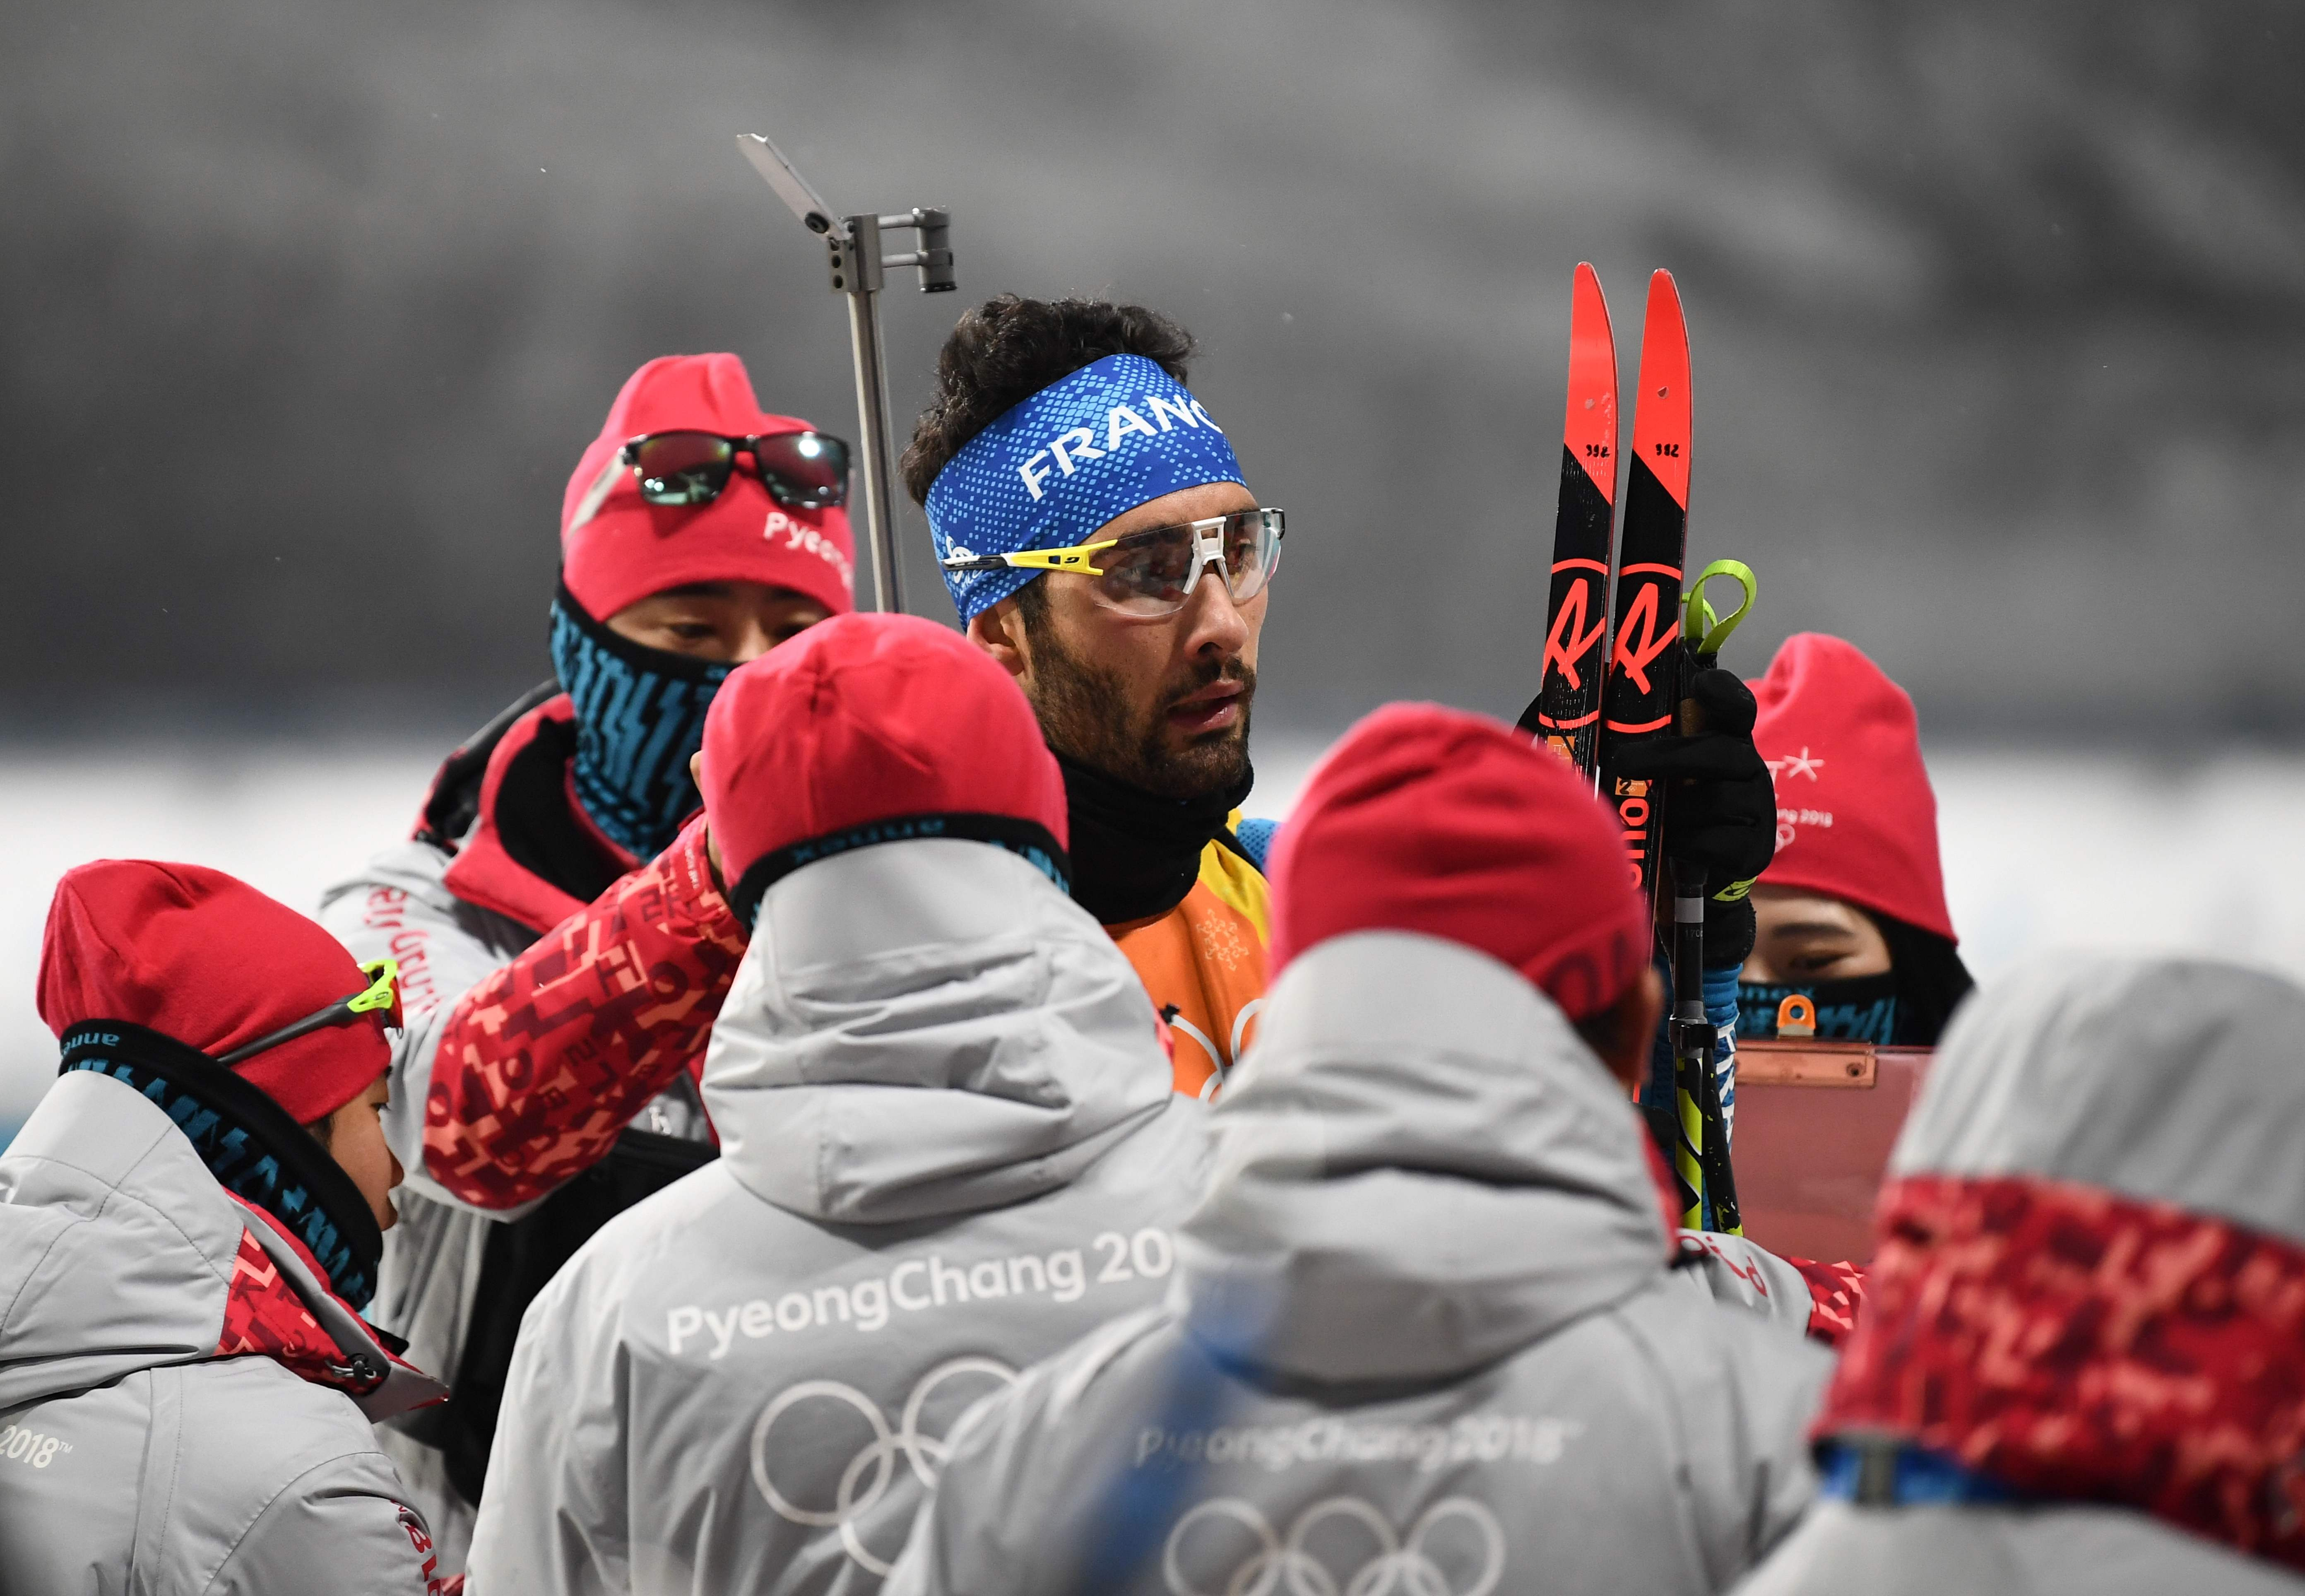 Jeux olympiques - Pyeongchang 2018 - JO 2018 : Fourcade se «projette sur les deux prochaines années»